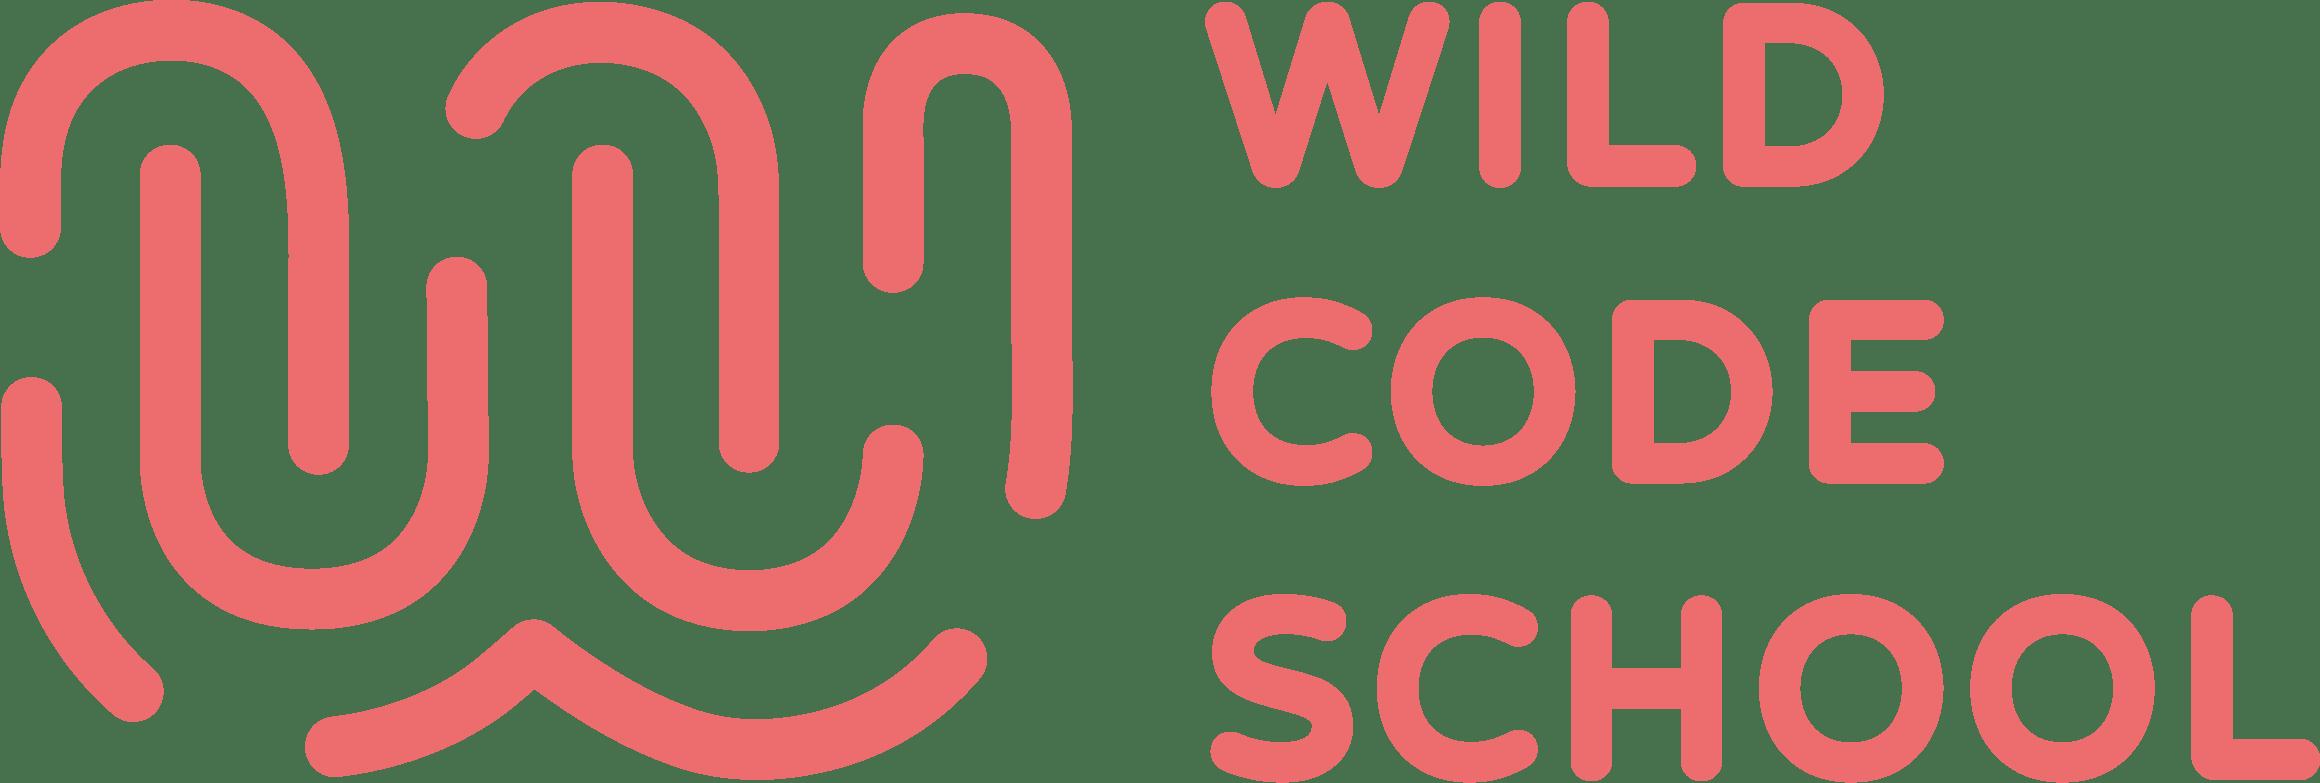 wild code school logo